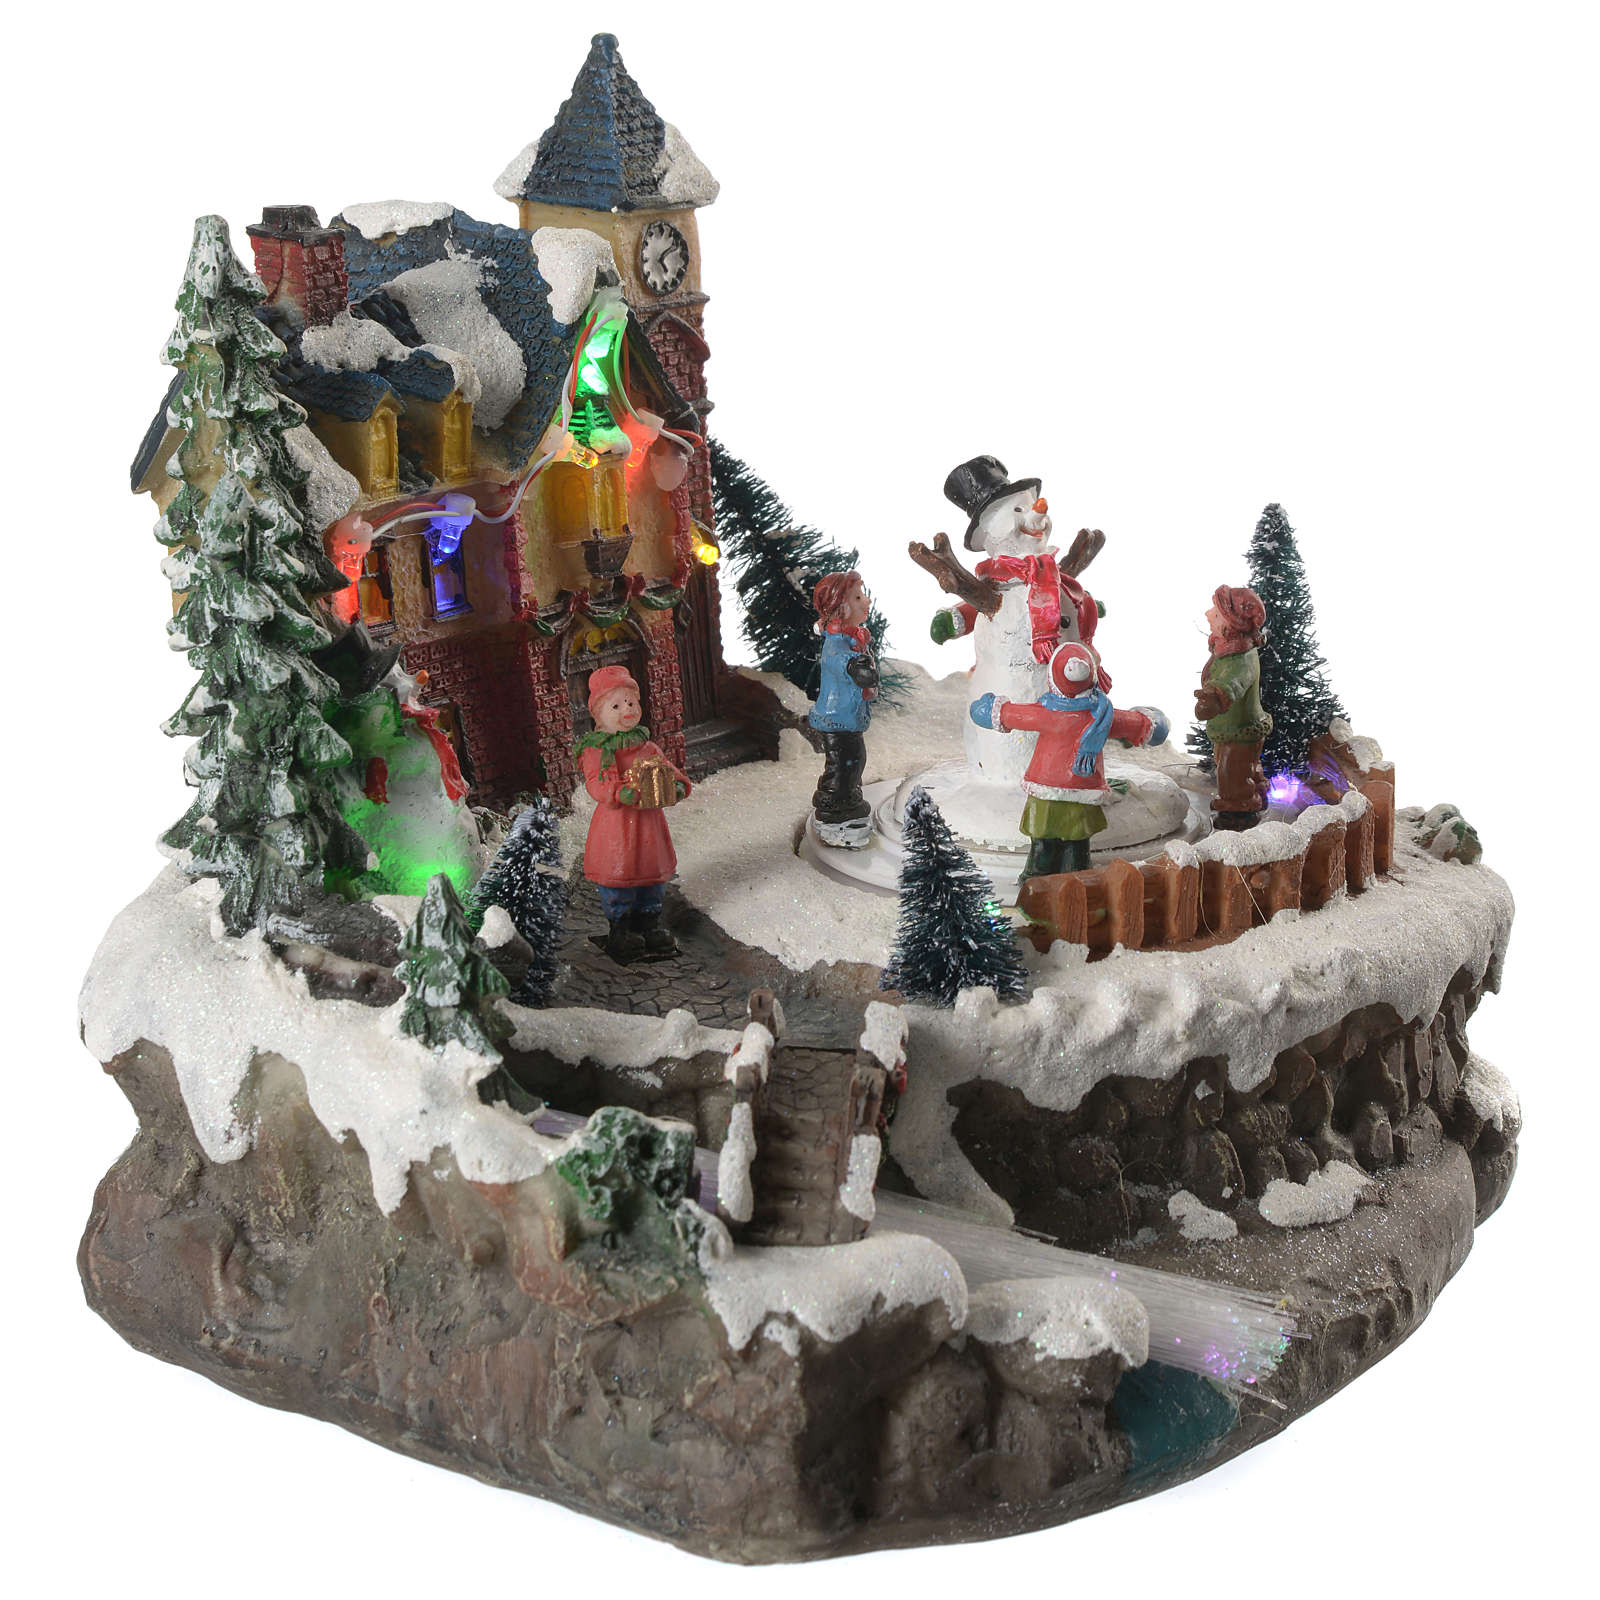 Aldea de navidad niños en movimiento río iluminado 20x20x20 3